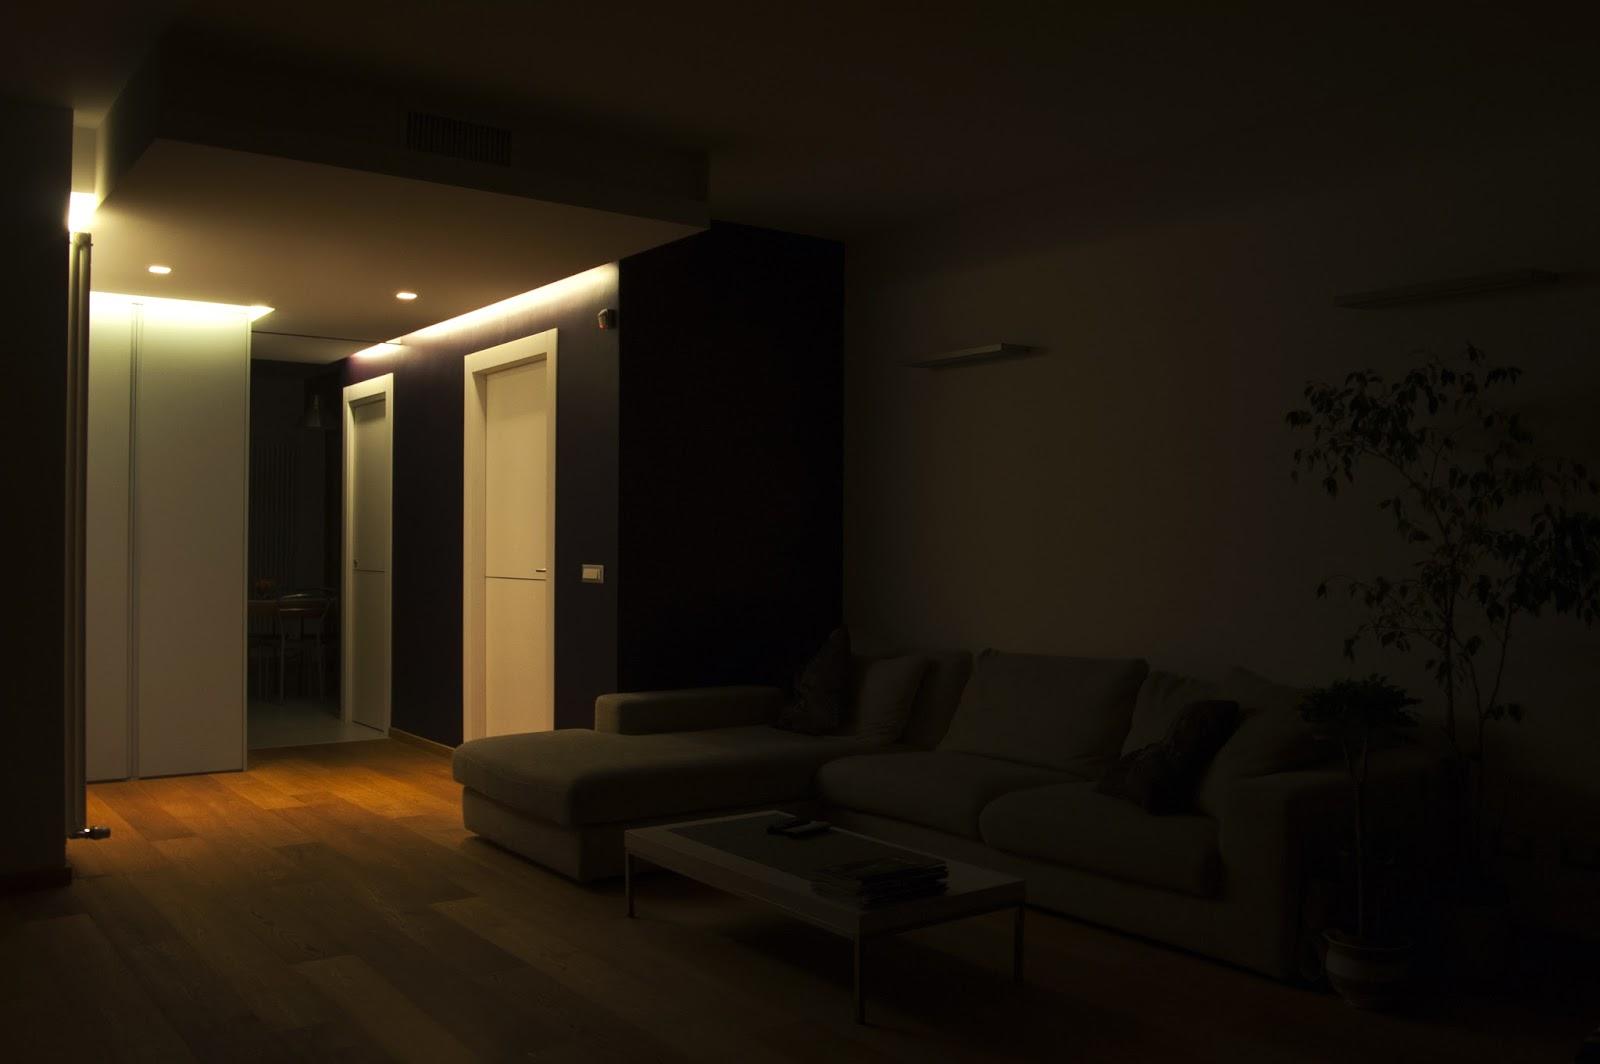 Sistemi Di Illuminazione A Led illuminazione led casa: illuminazione a torino